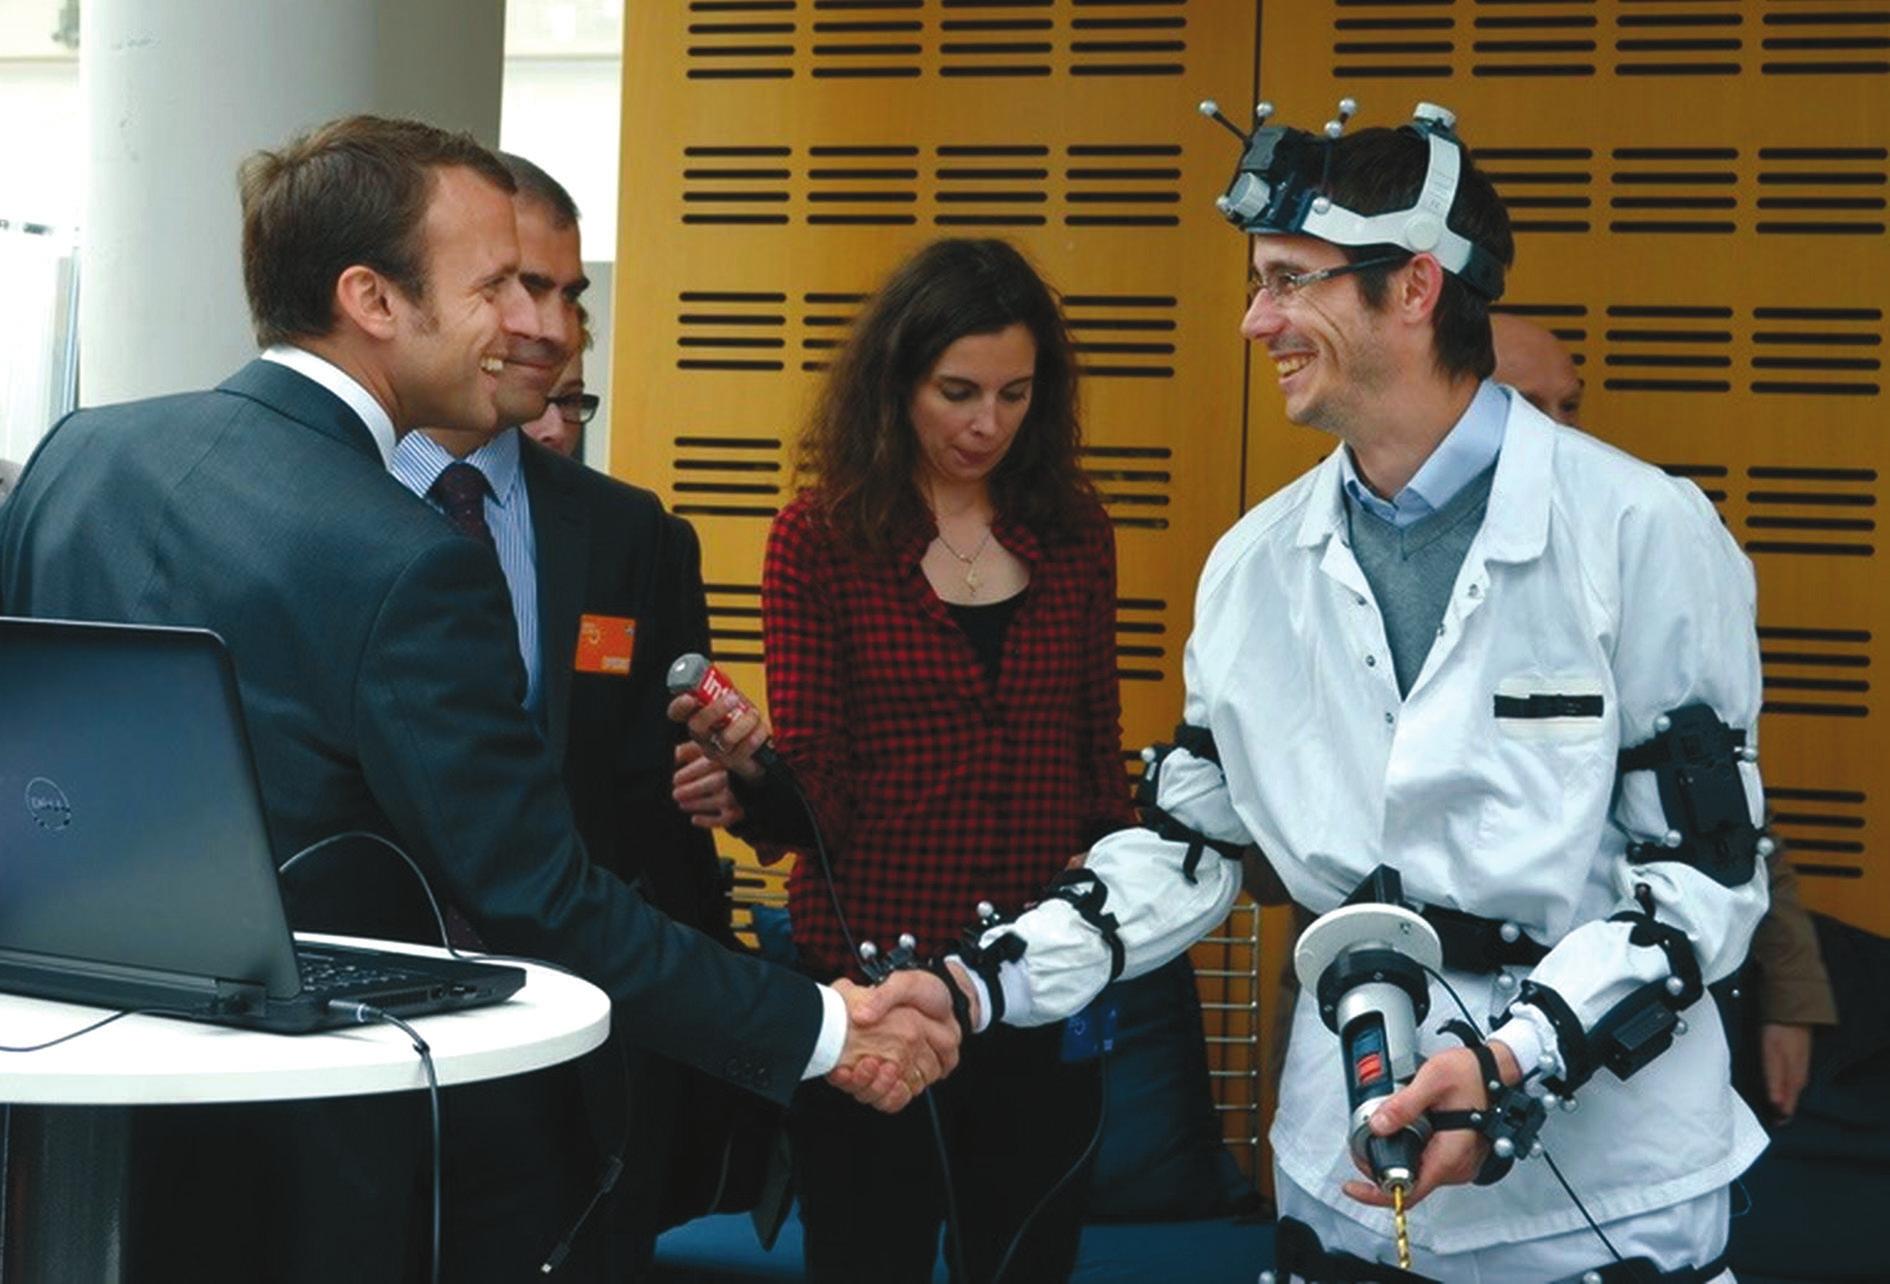 Э. Макрон на встрече с учеными. Фото пресс-службы Institut Mines-Télécom Atlantique с сайта http://web.emn.fr/x-com/albums/visite-emmanuel-macron/